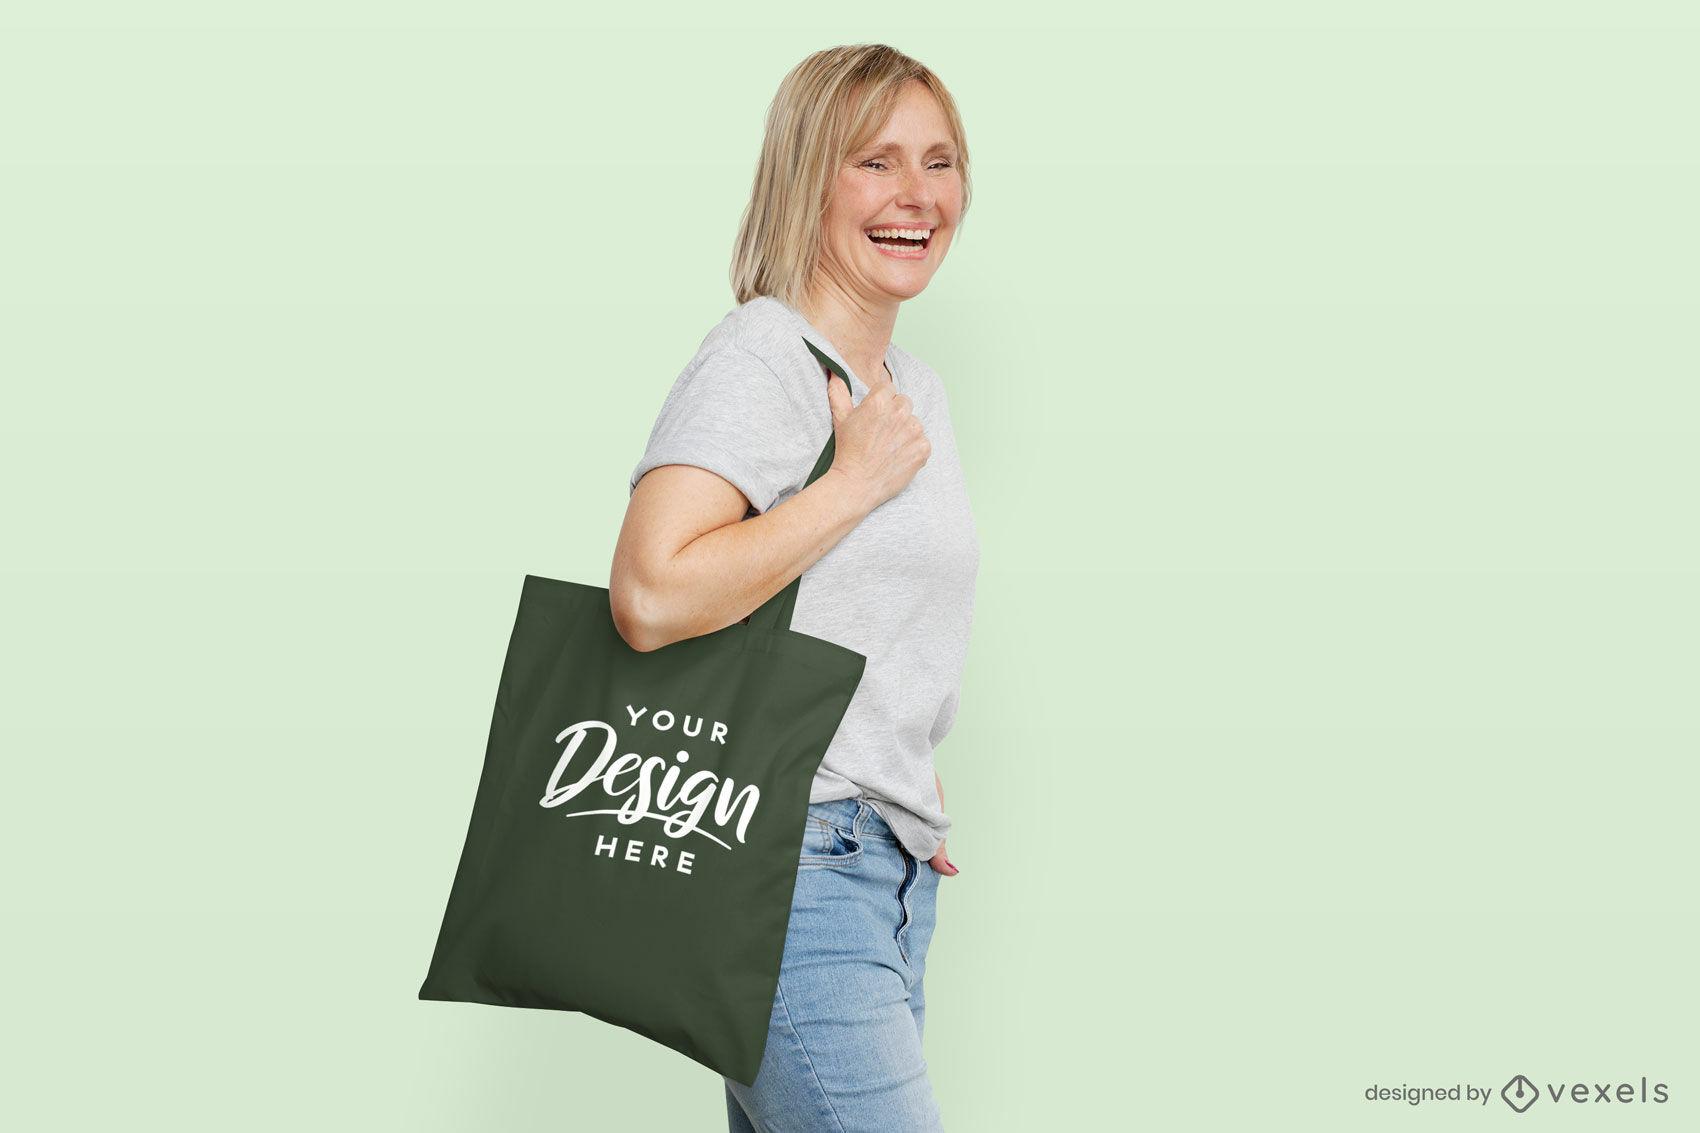 Maqueta de bolso de mano de mujer en fondo plano